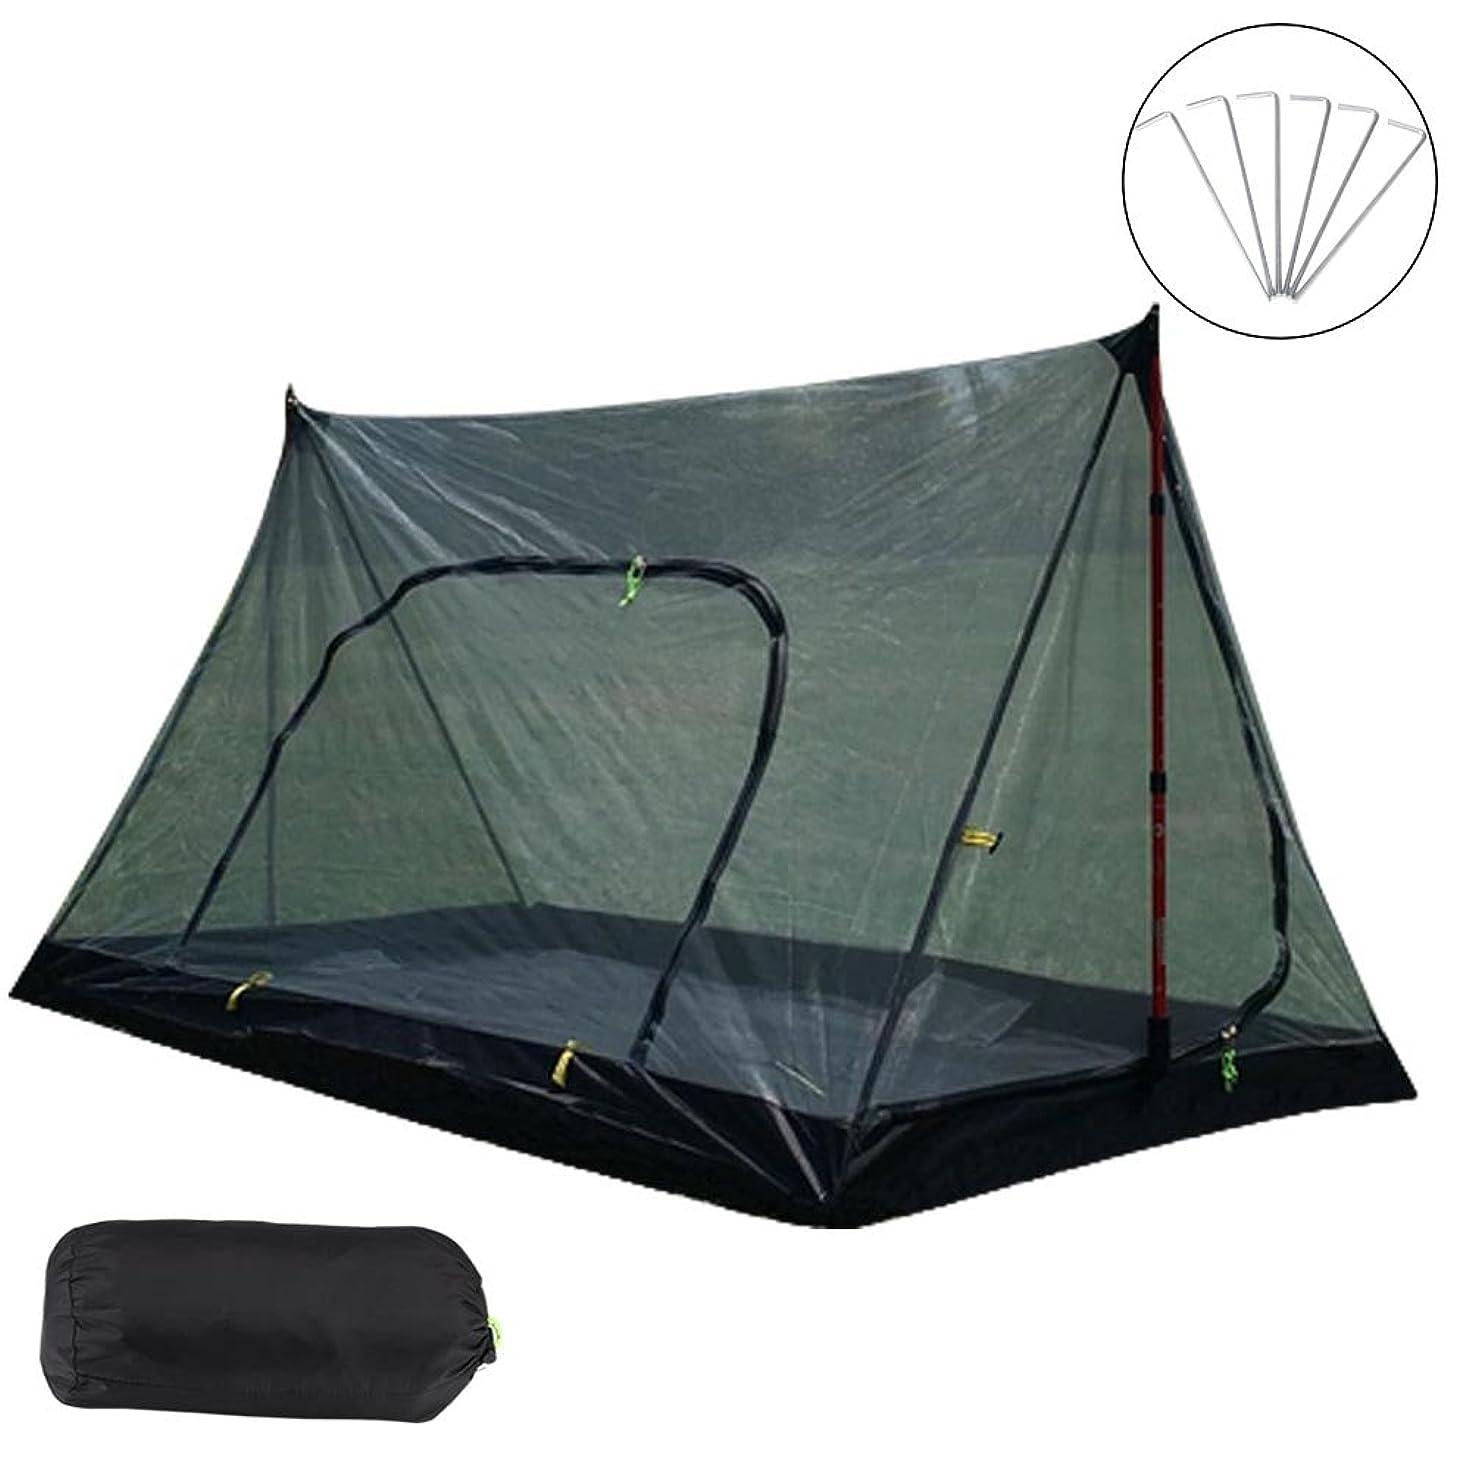 おいしいみなすファイル蚊帳(かや)Eletorot 超軽量携帯式テント 蚊除け網 キャンプ/アウトドアに欠かせないモスキートネット (ポールは別売)